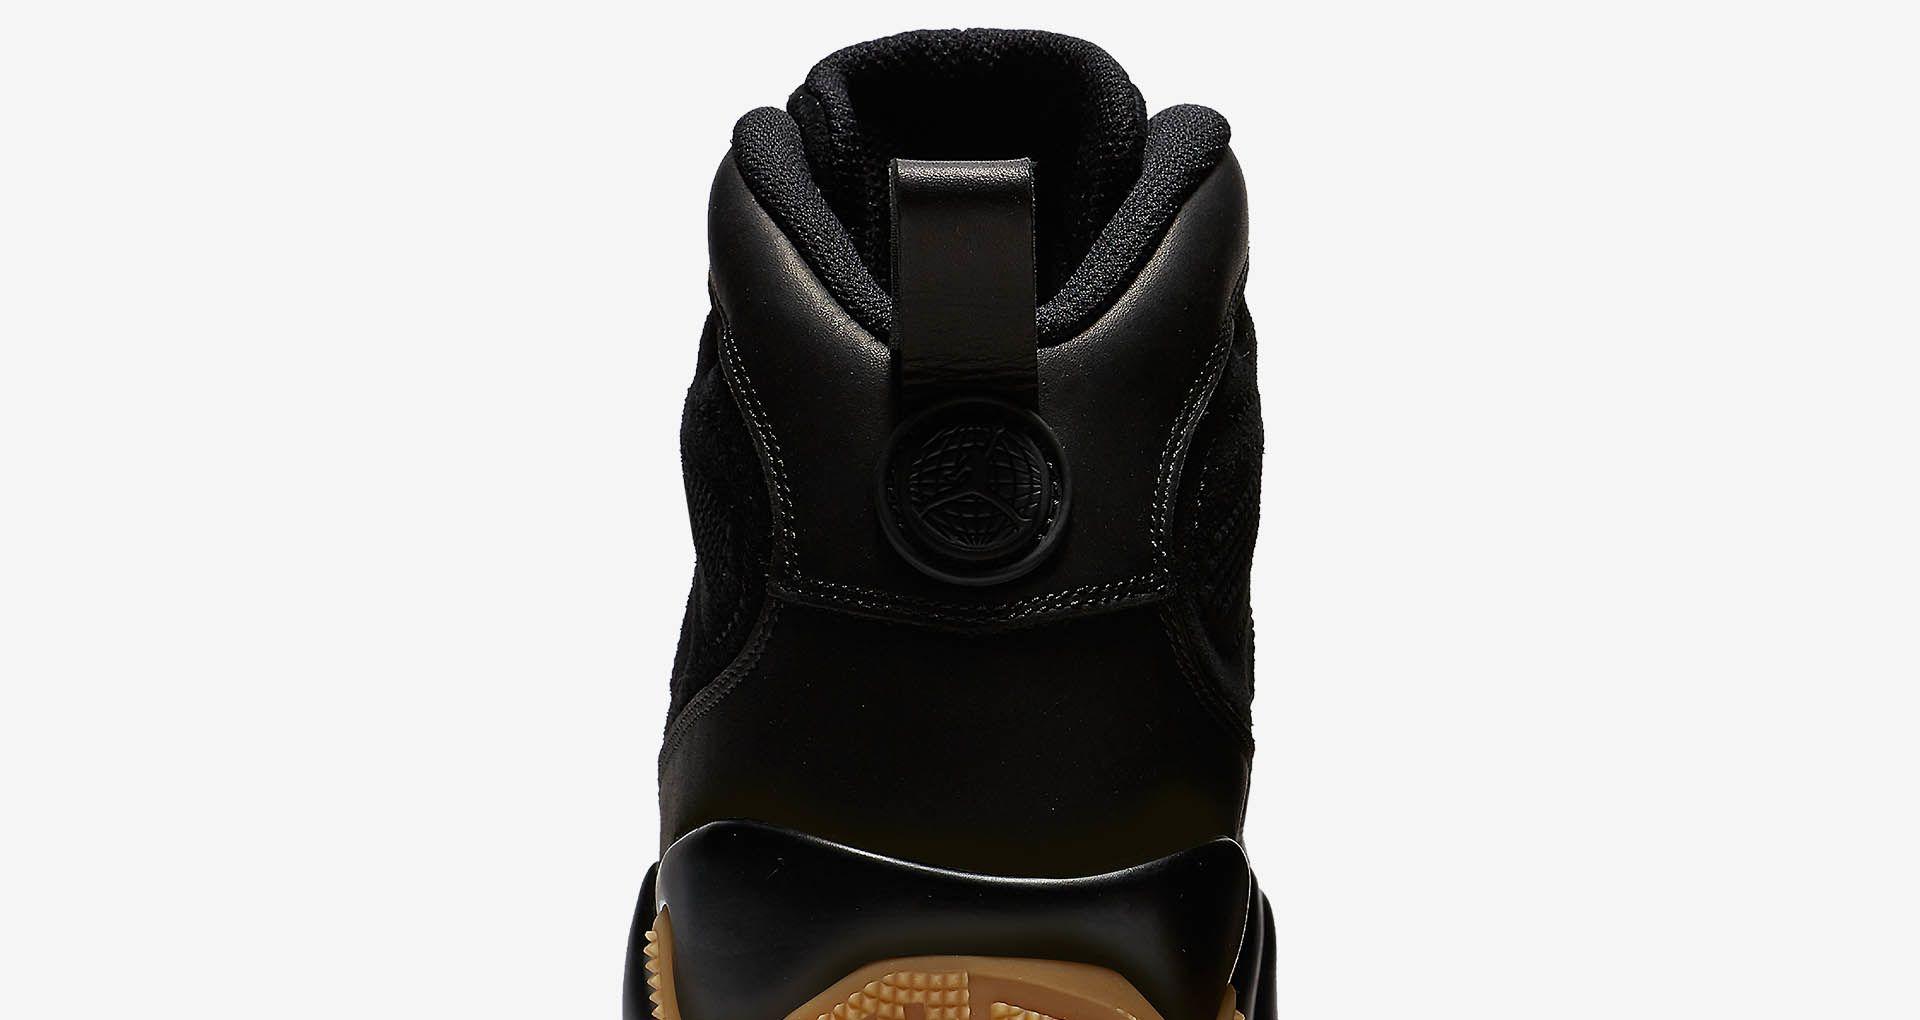 192ad2601fb Air Jordan 9 Retro Boot NRG 'Black & Gum Light Brown' Release Date ...